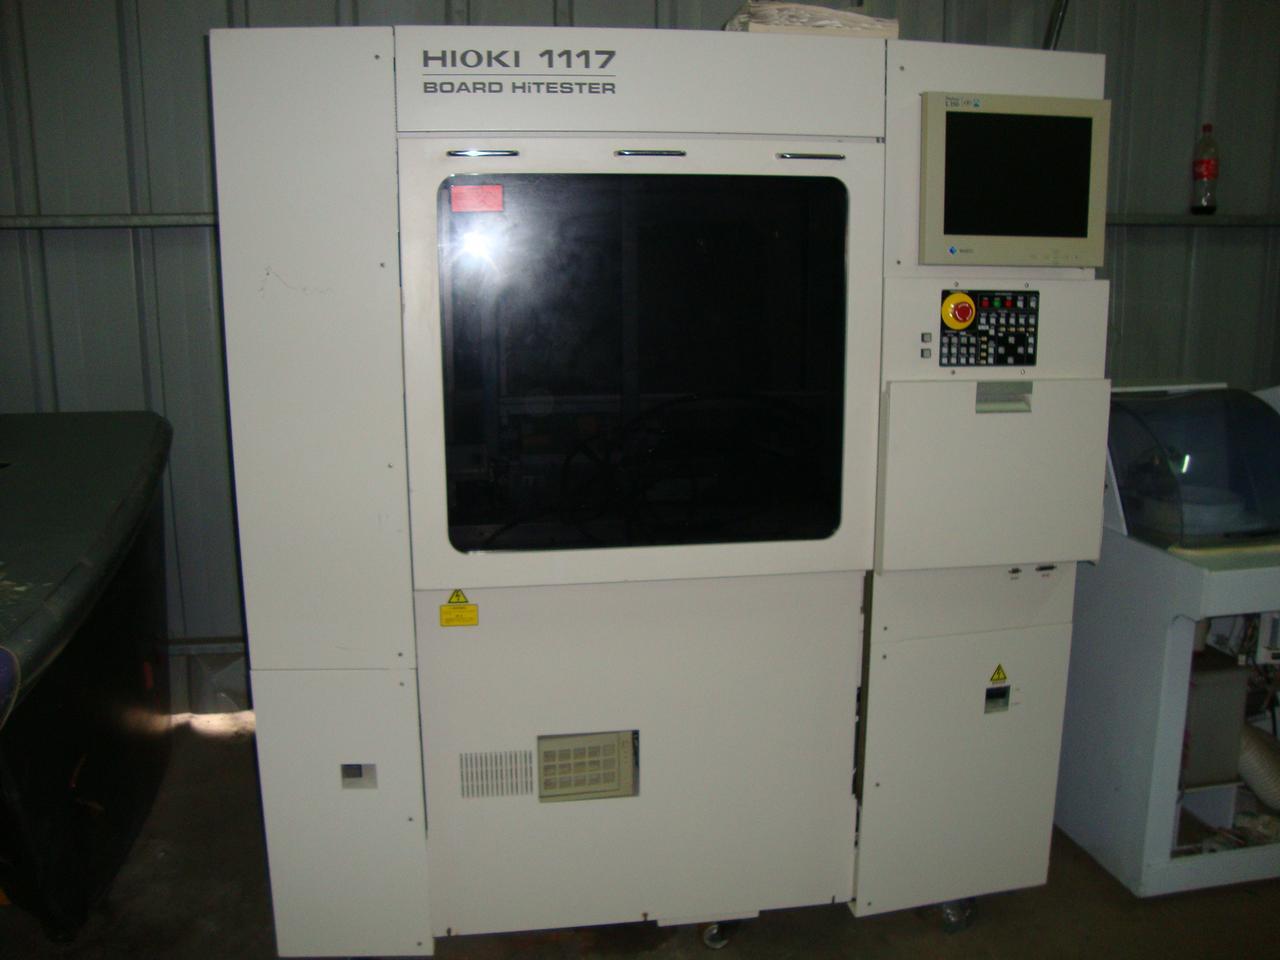 Model: Hioki 1117